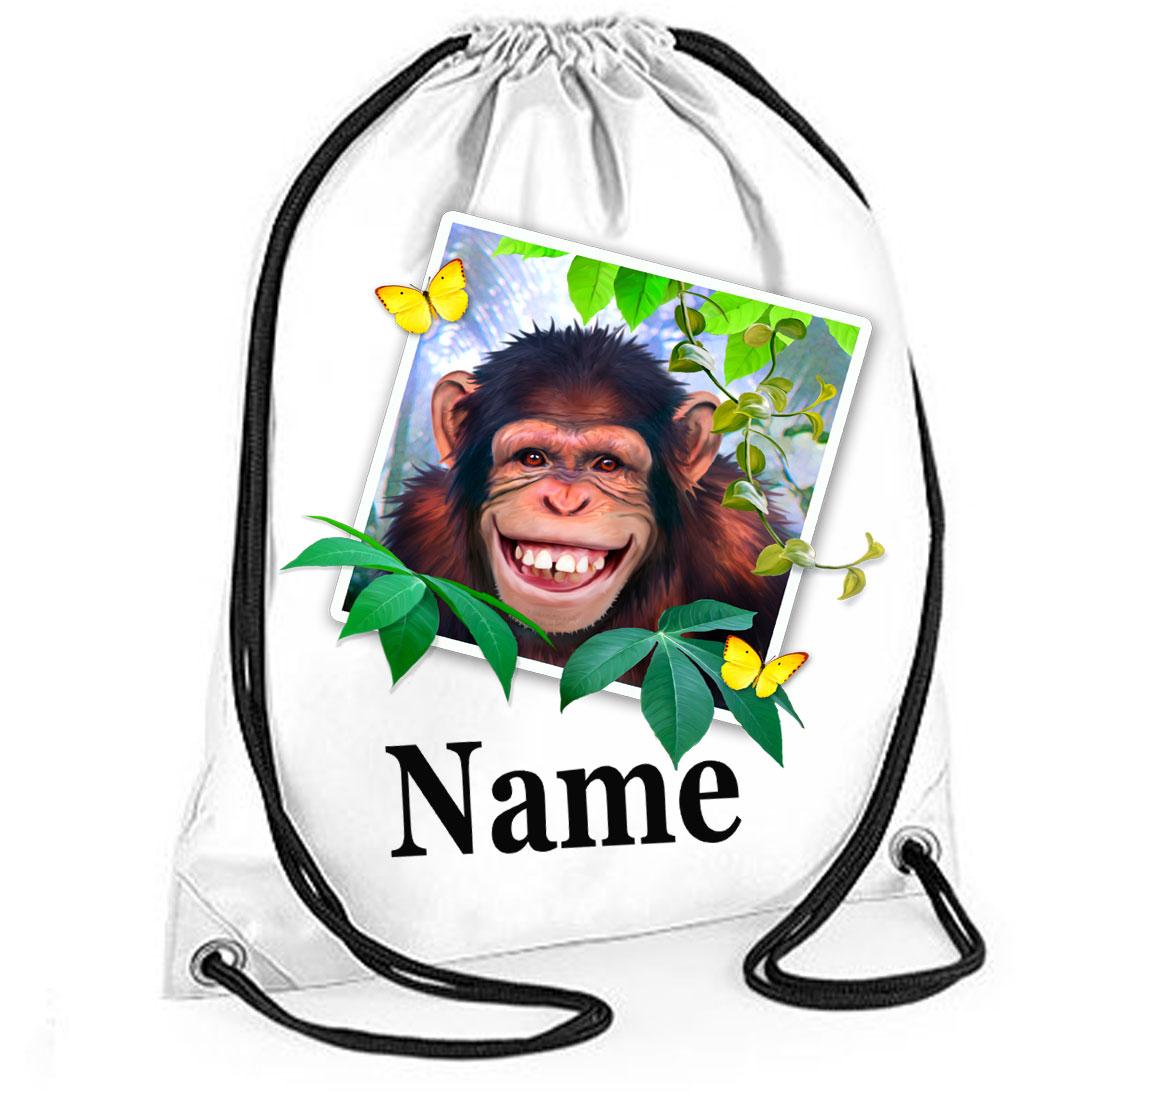 PersonalisedChimp Selfie Gym Bag